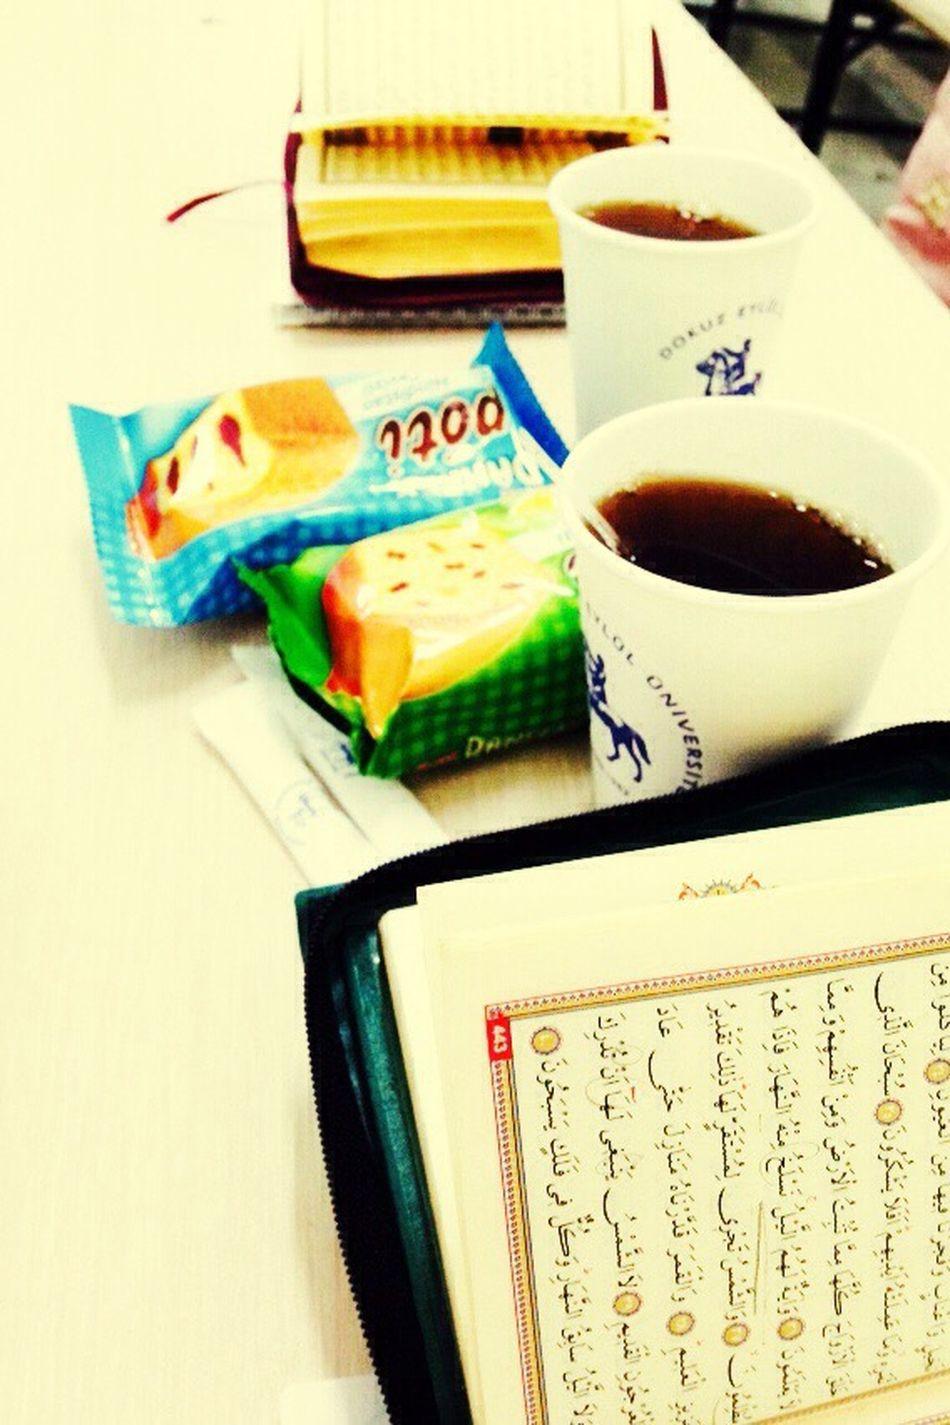 Mezun oluyoruz ya hiç ummadığımız hocamızdan ikramlar.. Allah İslam yolunda Kur'an ve imanla ölüm nasip etsin ☺️☺️ Dokuz Eylül Üniversitesi IlahiyatFakültesi Kuran-ı Kerim Dersim Son